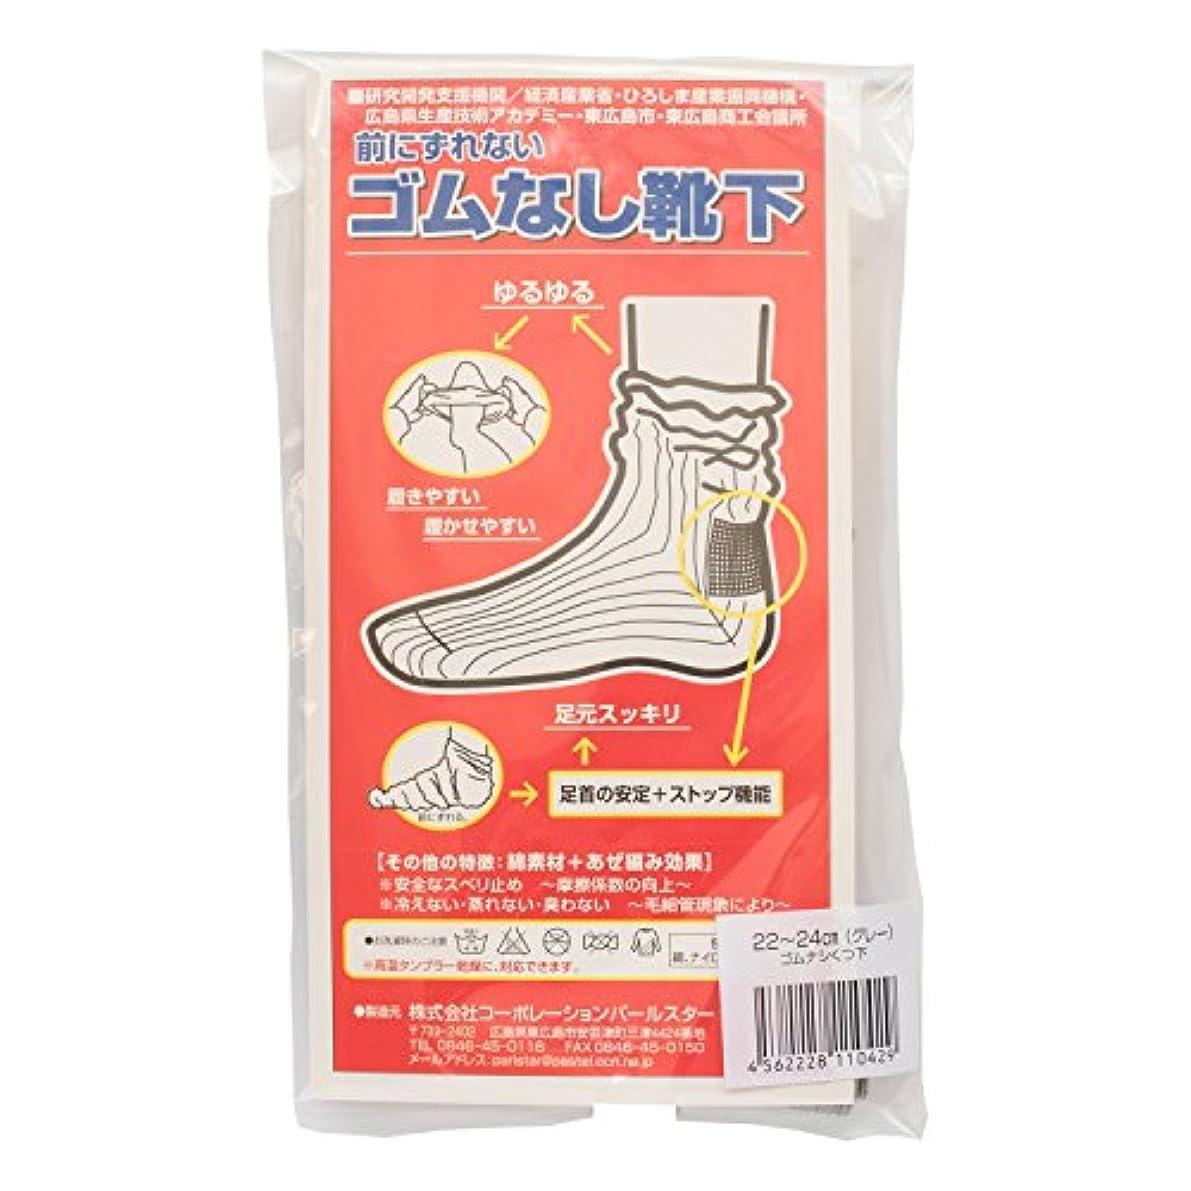 印刷するナビゲーション印刷するコーポレーションパールスター 前にずれない ゴムなし靴下 グレー 22~24cm